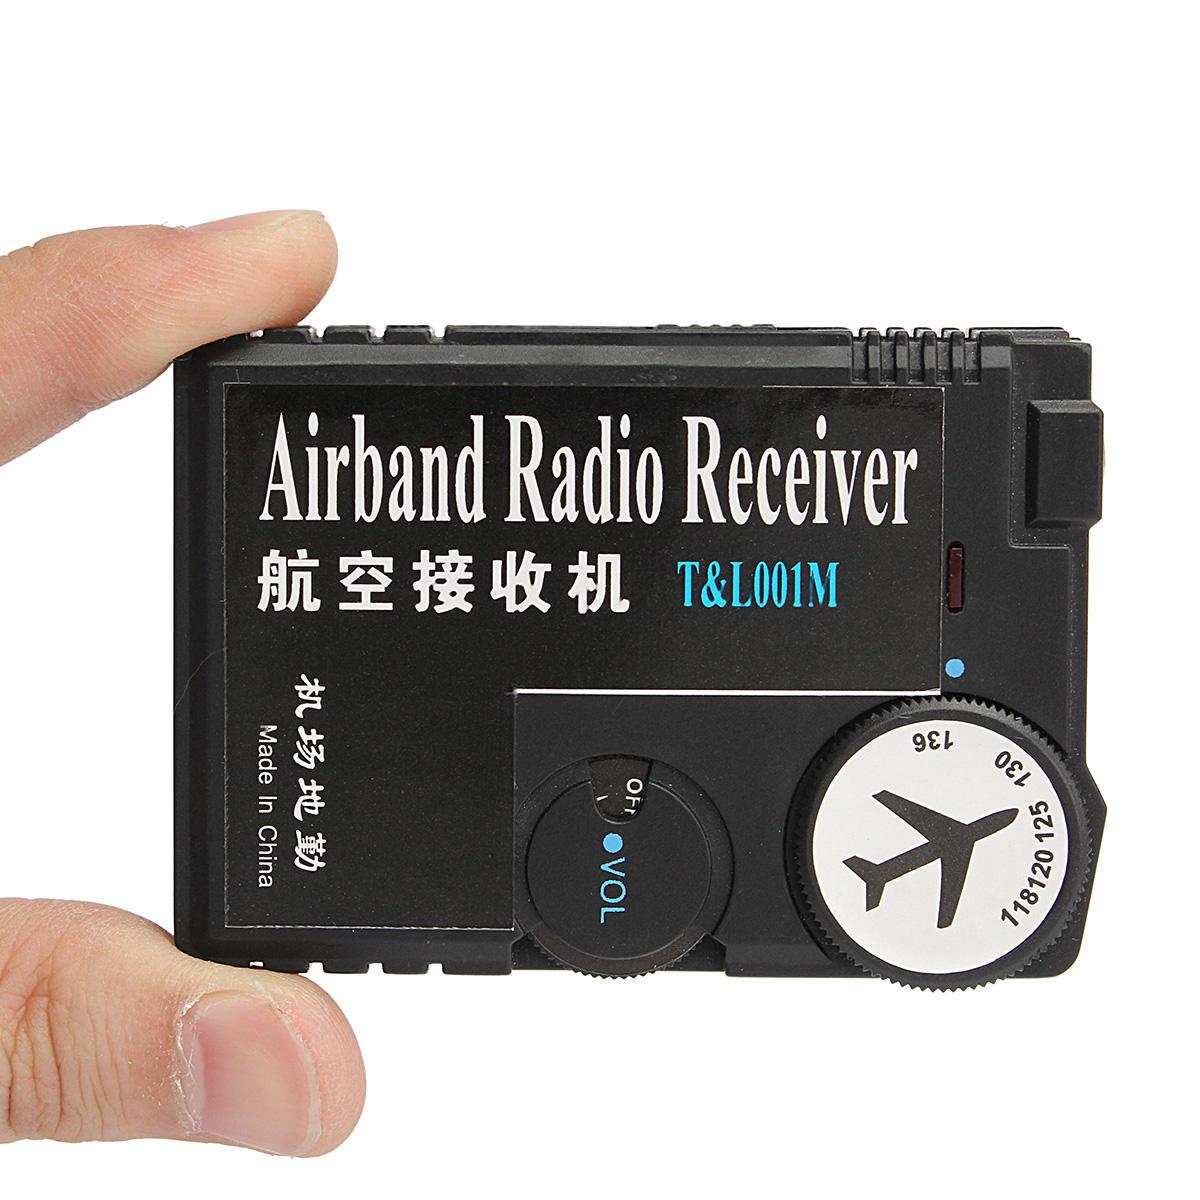 Receptor da aviação do receptor de rádio do ar Banda de 118MHz-136MHz para a terra do aeroporto